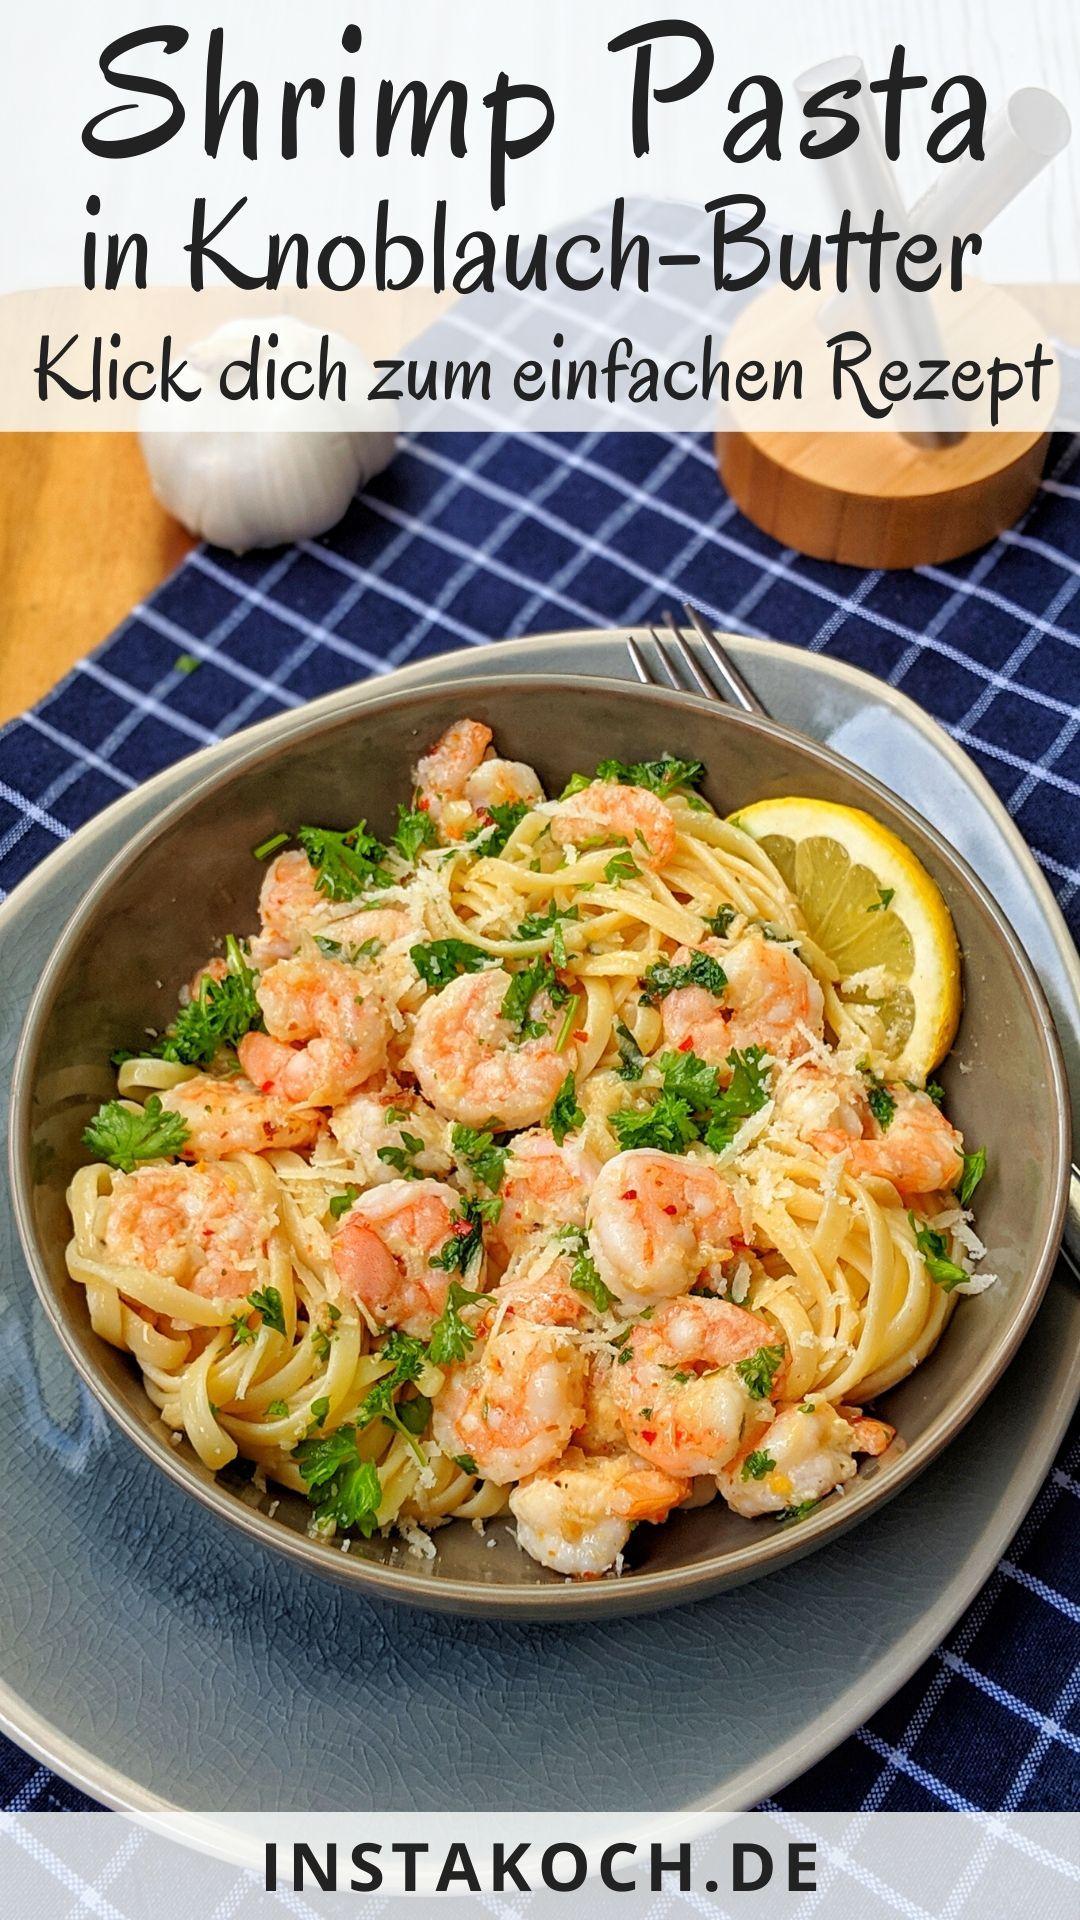 Knoblauch-Butter-Shrimp Pasta - Zum reinlegen lecker - Klick dich zum einfachen Rezept